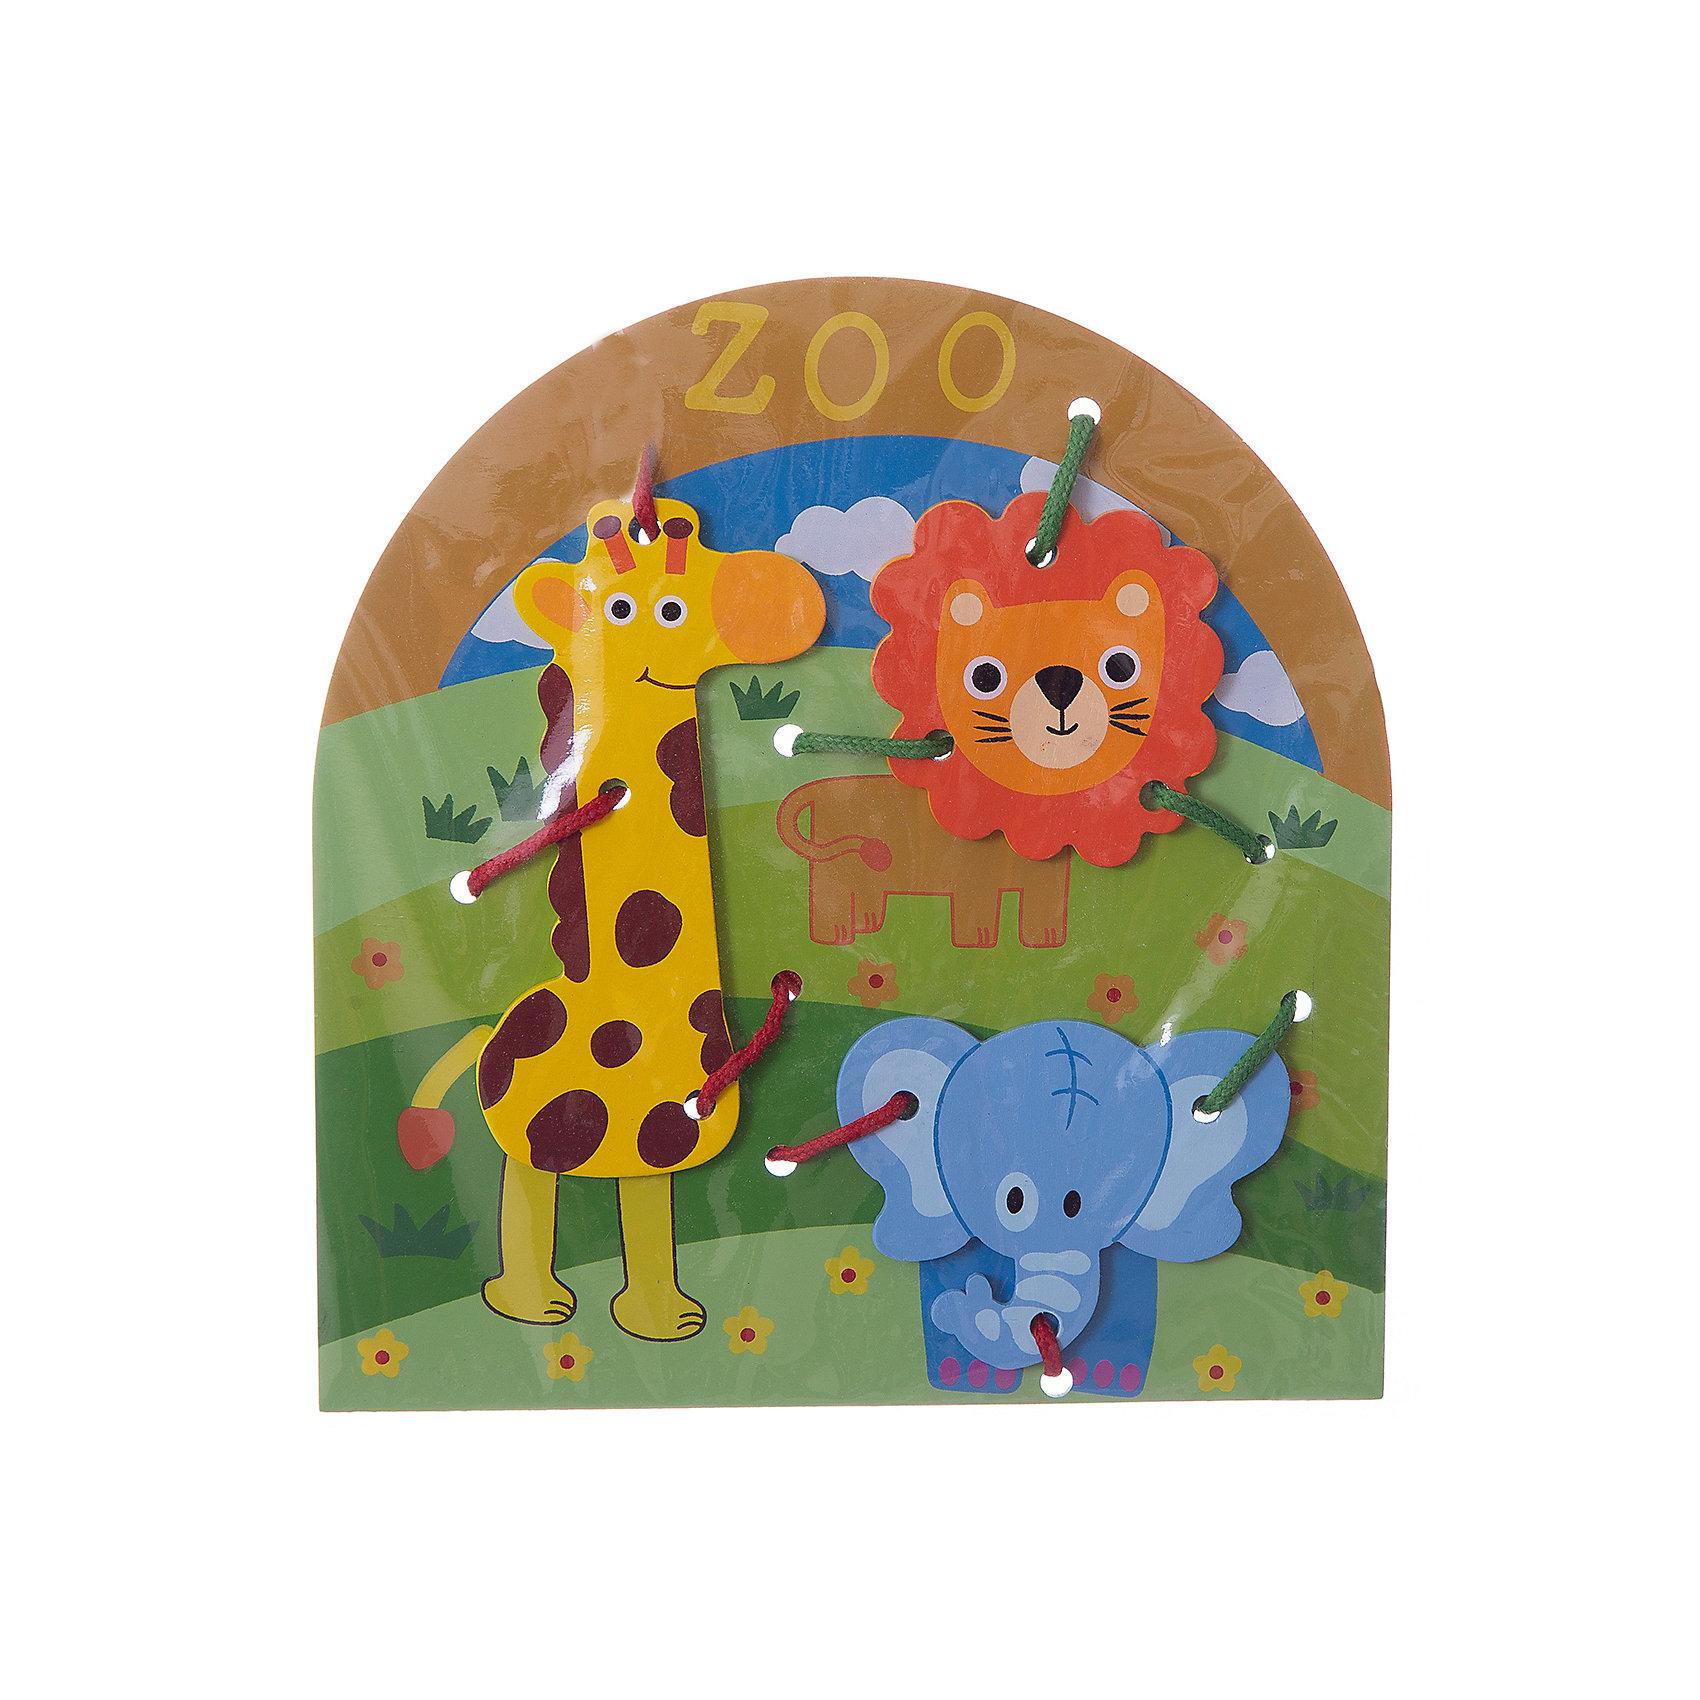 Шнуровка Животные, MapachaШнуровки – вид развивающих игрушек, которые обучают ребенка практическим навыкам. Шнуровка научит обращаться со шнурками, завязывать узелки и бантики. Красивый дизайн игрушки, интересный рисунок, экологический материал, яркие цвета и стильный дизайн сделают модель любимой вещицей у малыша. Игрушка тренирует мелкую моторику, аккуратность, а так же тренирует логику и воображение. Материалы, использованные при изготовлении товара, абсолютно безопасны и отвечают всем международным требованиям по качеству.<br><br>Дополнительные характеристики:<br><br>материал: натуральное дерево, текстиль;<br>цвет: разноцветный;<br>габариты: 27 X 1 X 41 см.<br><br>Шнуровку Животные от компании Mapacha можно приобрести в нашем магазине.<br><br>Ширина мм: 425<br>Глубина мм: 590<br>Высота мм: 225<br>Вес г: 76<br>Возраст от месяцев: 36<br>Возраст до месяцев: 84<br>Пол: Унисекс<br>Возраст: Детский<br>SKU: 5032503